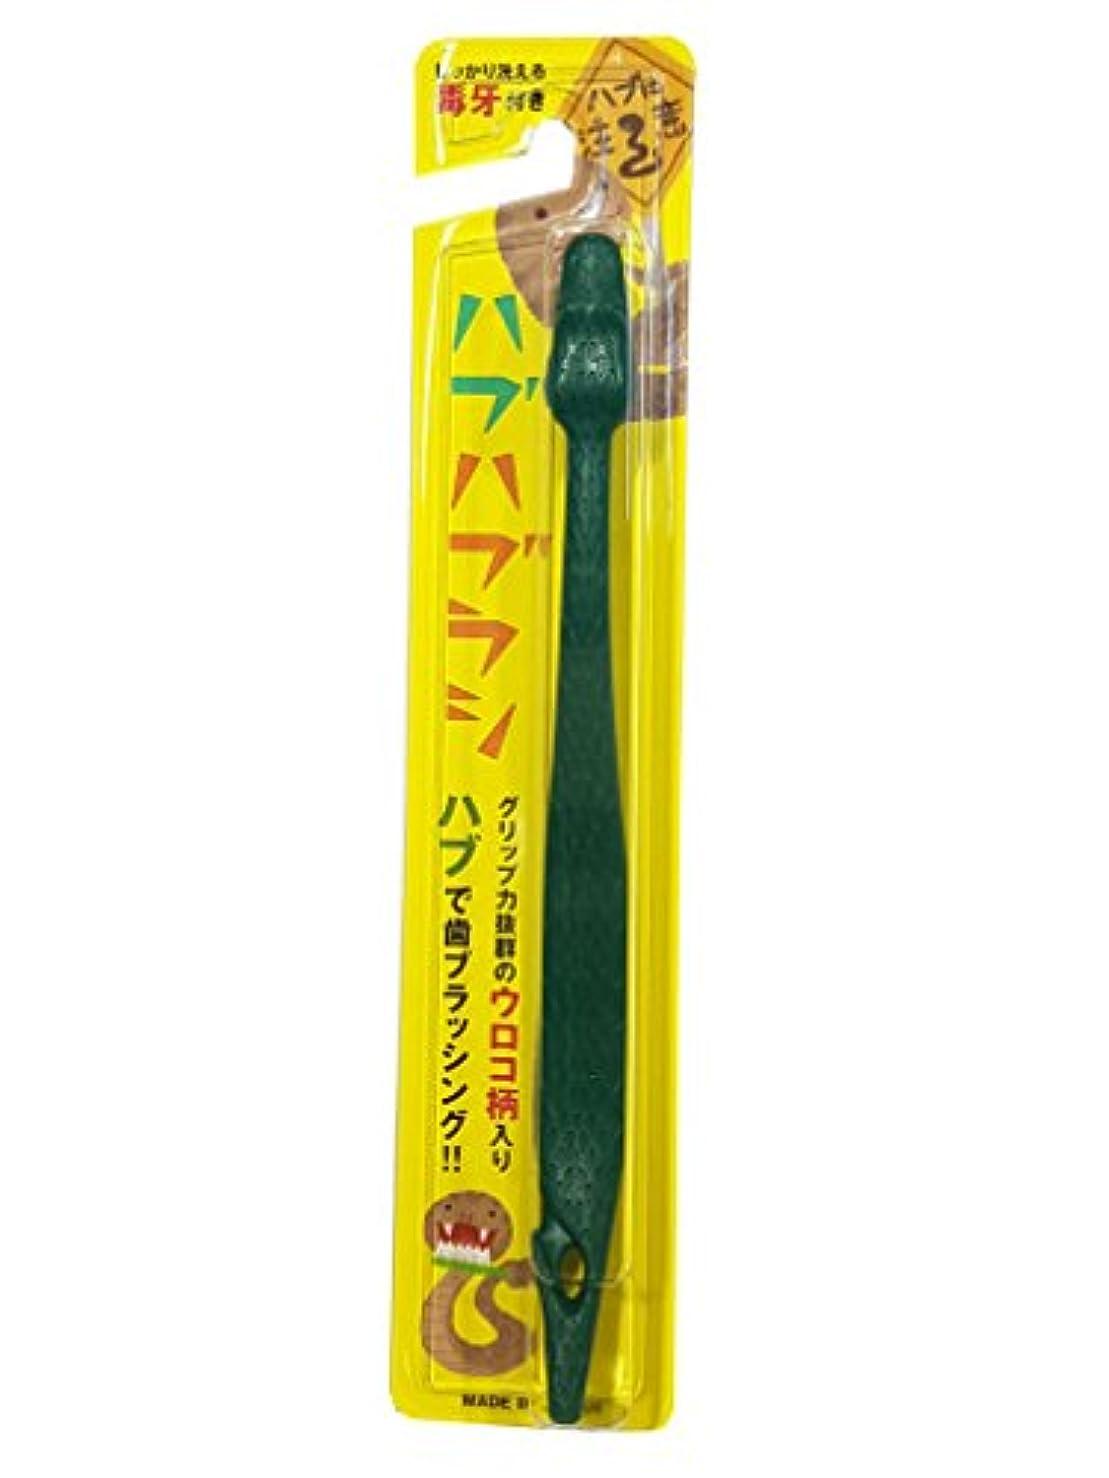 発掘する酔う引退するハブハブラシ (緑 色) 沖縄 はぶ 歯ブラシ